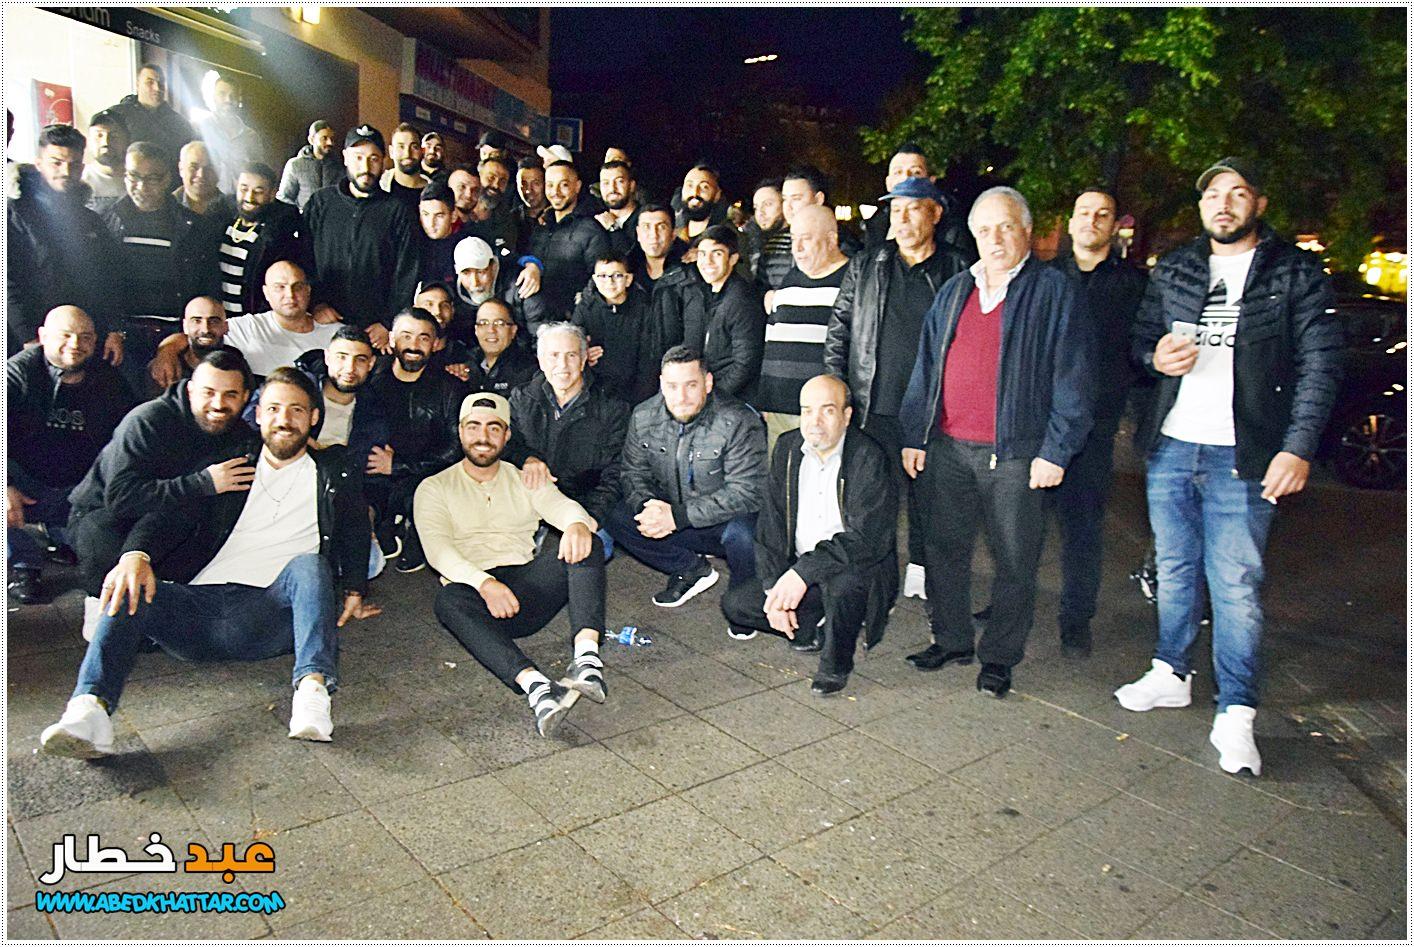 رابطة شباب مخيم البداوي في برلين تقيم إفطار جماعي لابناء مخيم البداوي في صالة معجنات الشام